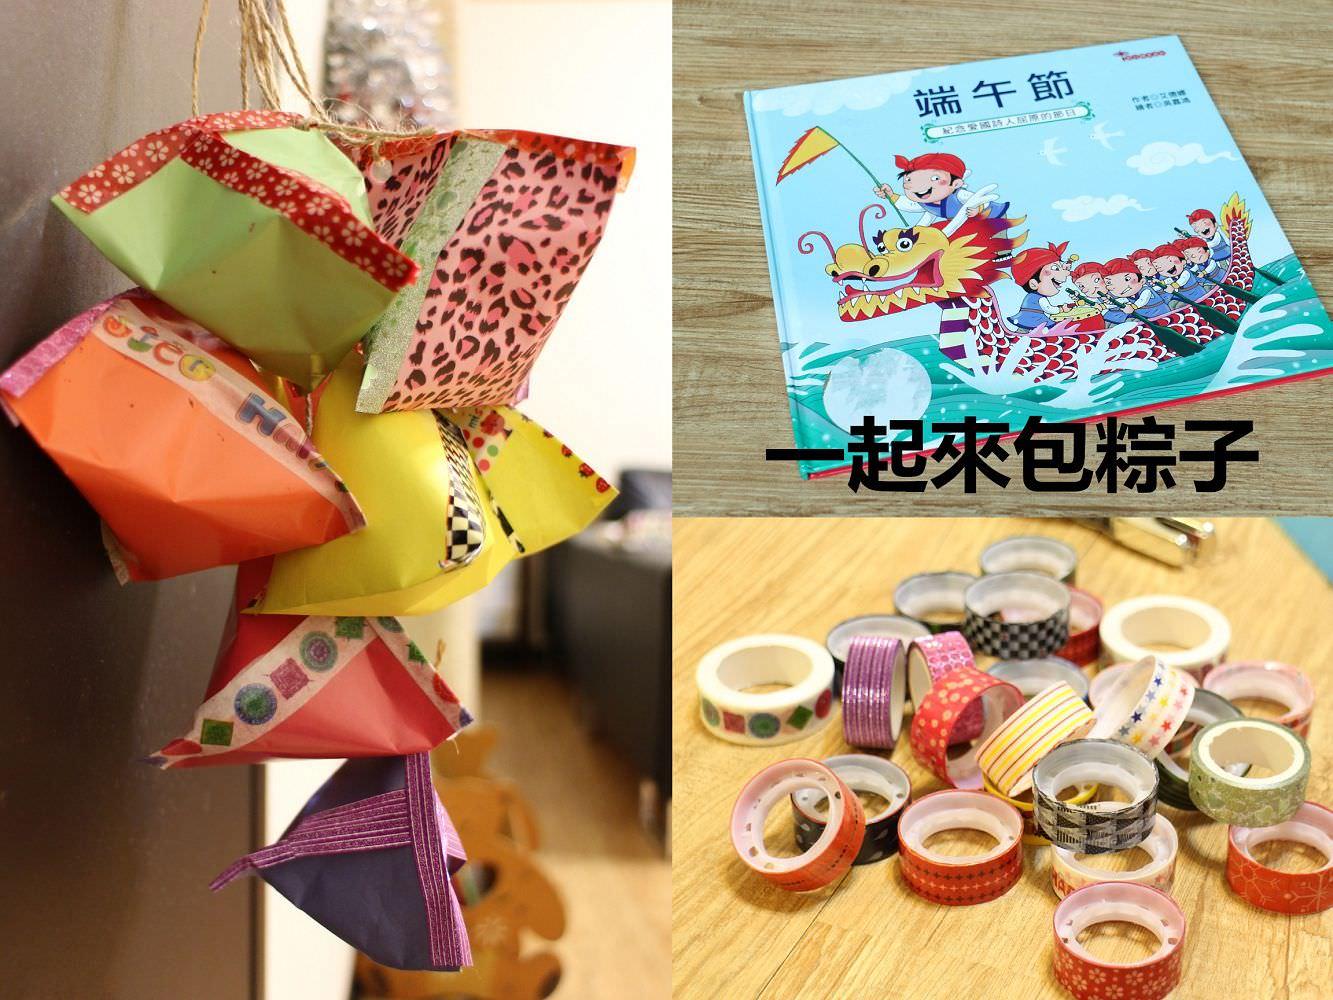 繪本︱主題書單︱端午節︱DIY粽子:聽完故事再一起來做粽子吧